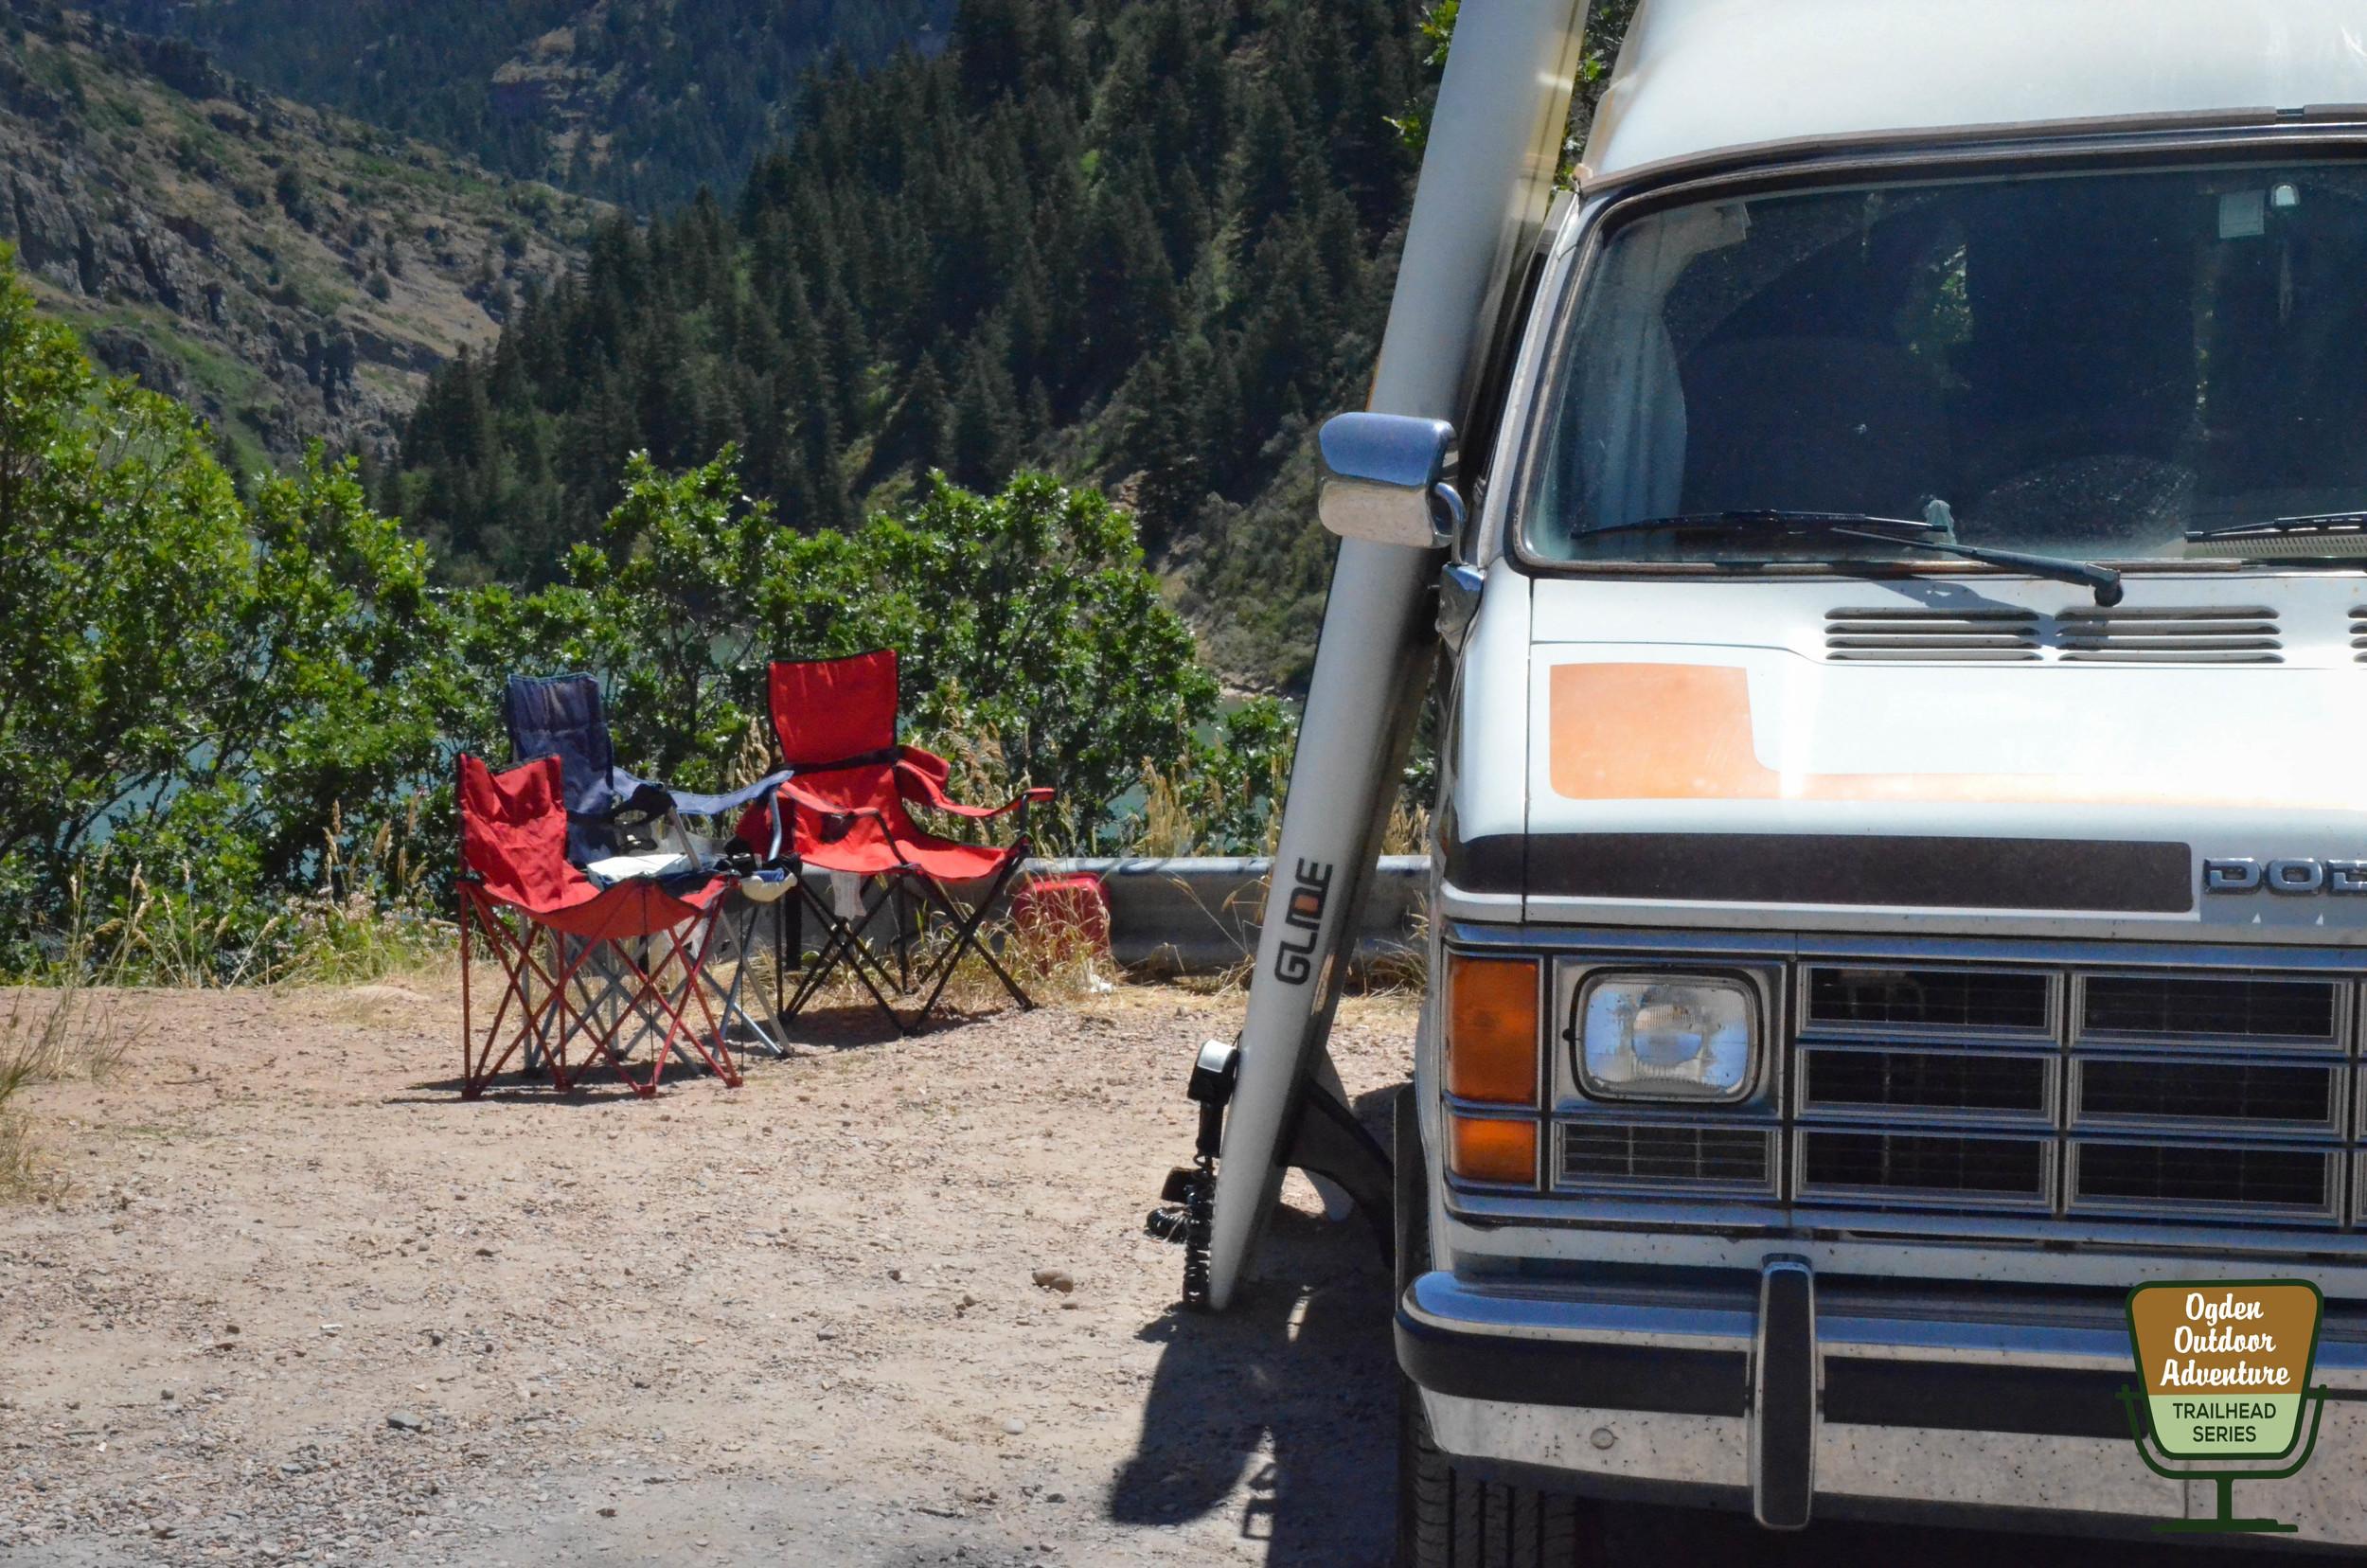 Ogden Outdoor Adventure Show 244 Causey-5.jpg